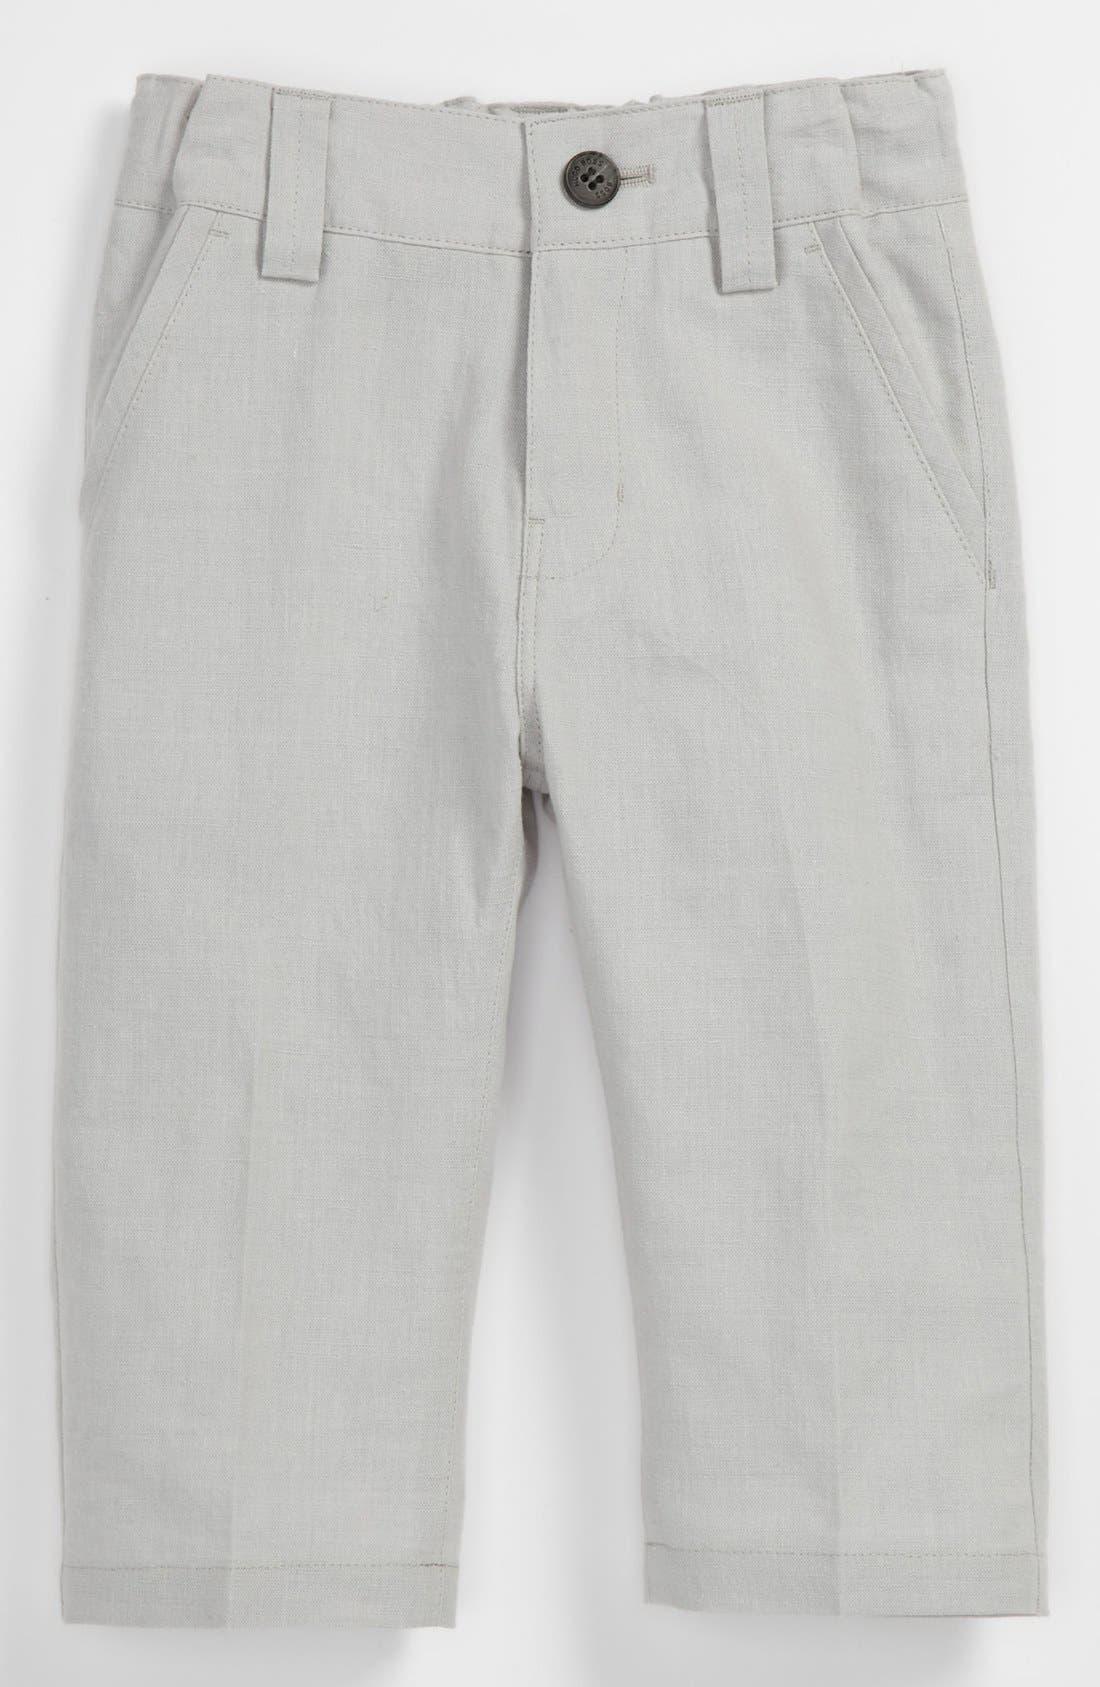 Main Image - BOSS Kidswear Linen Blend Pants (Toddler)